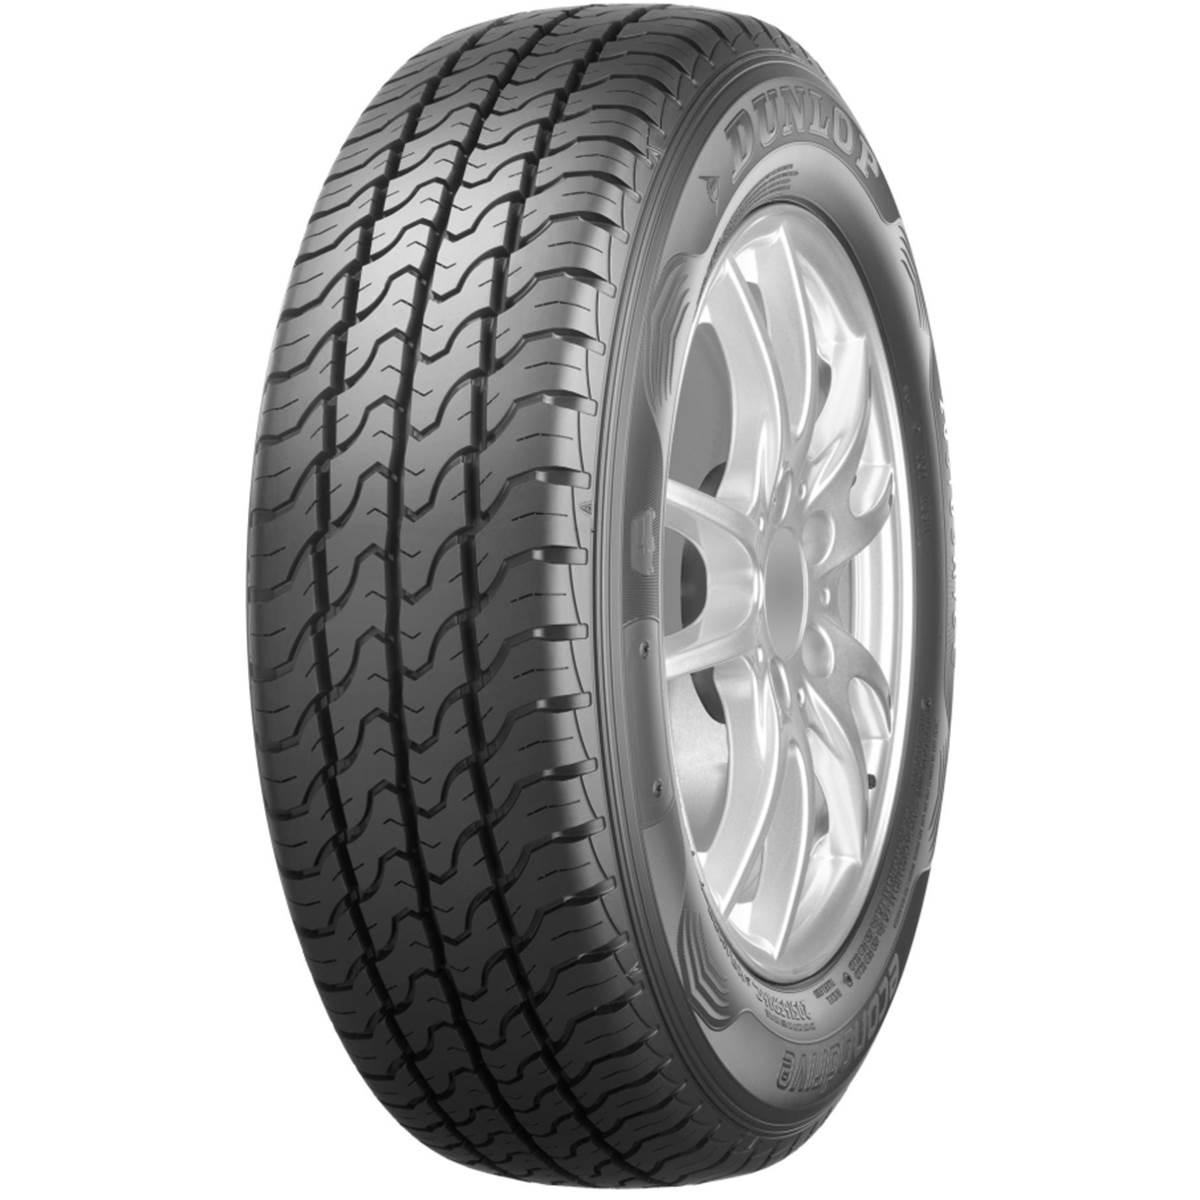 Pneu Camionnette Dunlop 195/80R14 106S Econodrive